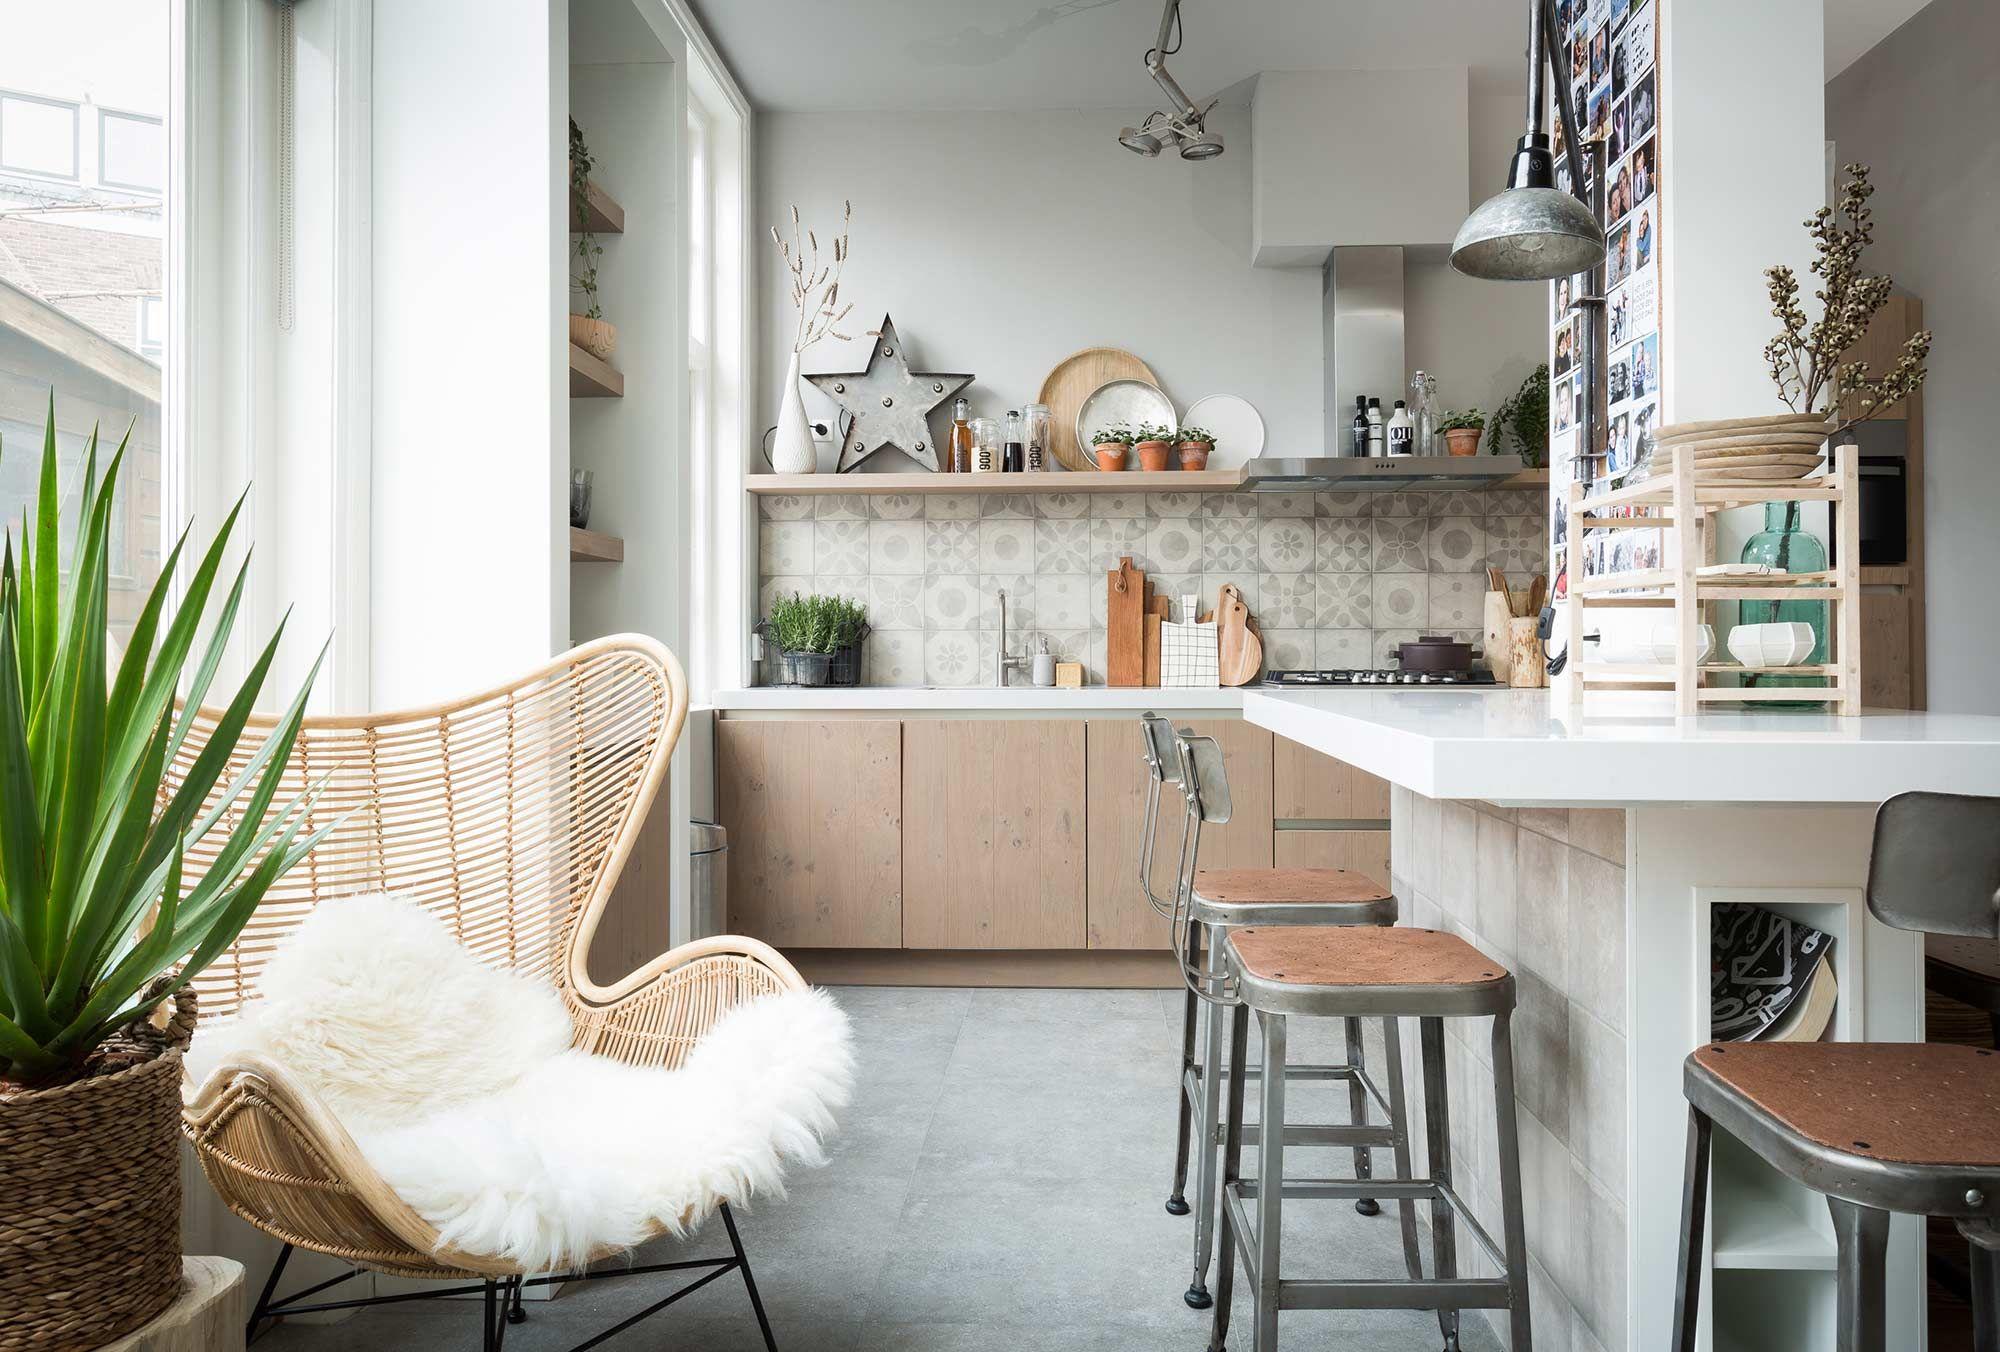 Keuken Make Over : Keuken bij holger en rachel uit aflevering seizoen kijken